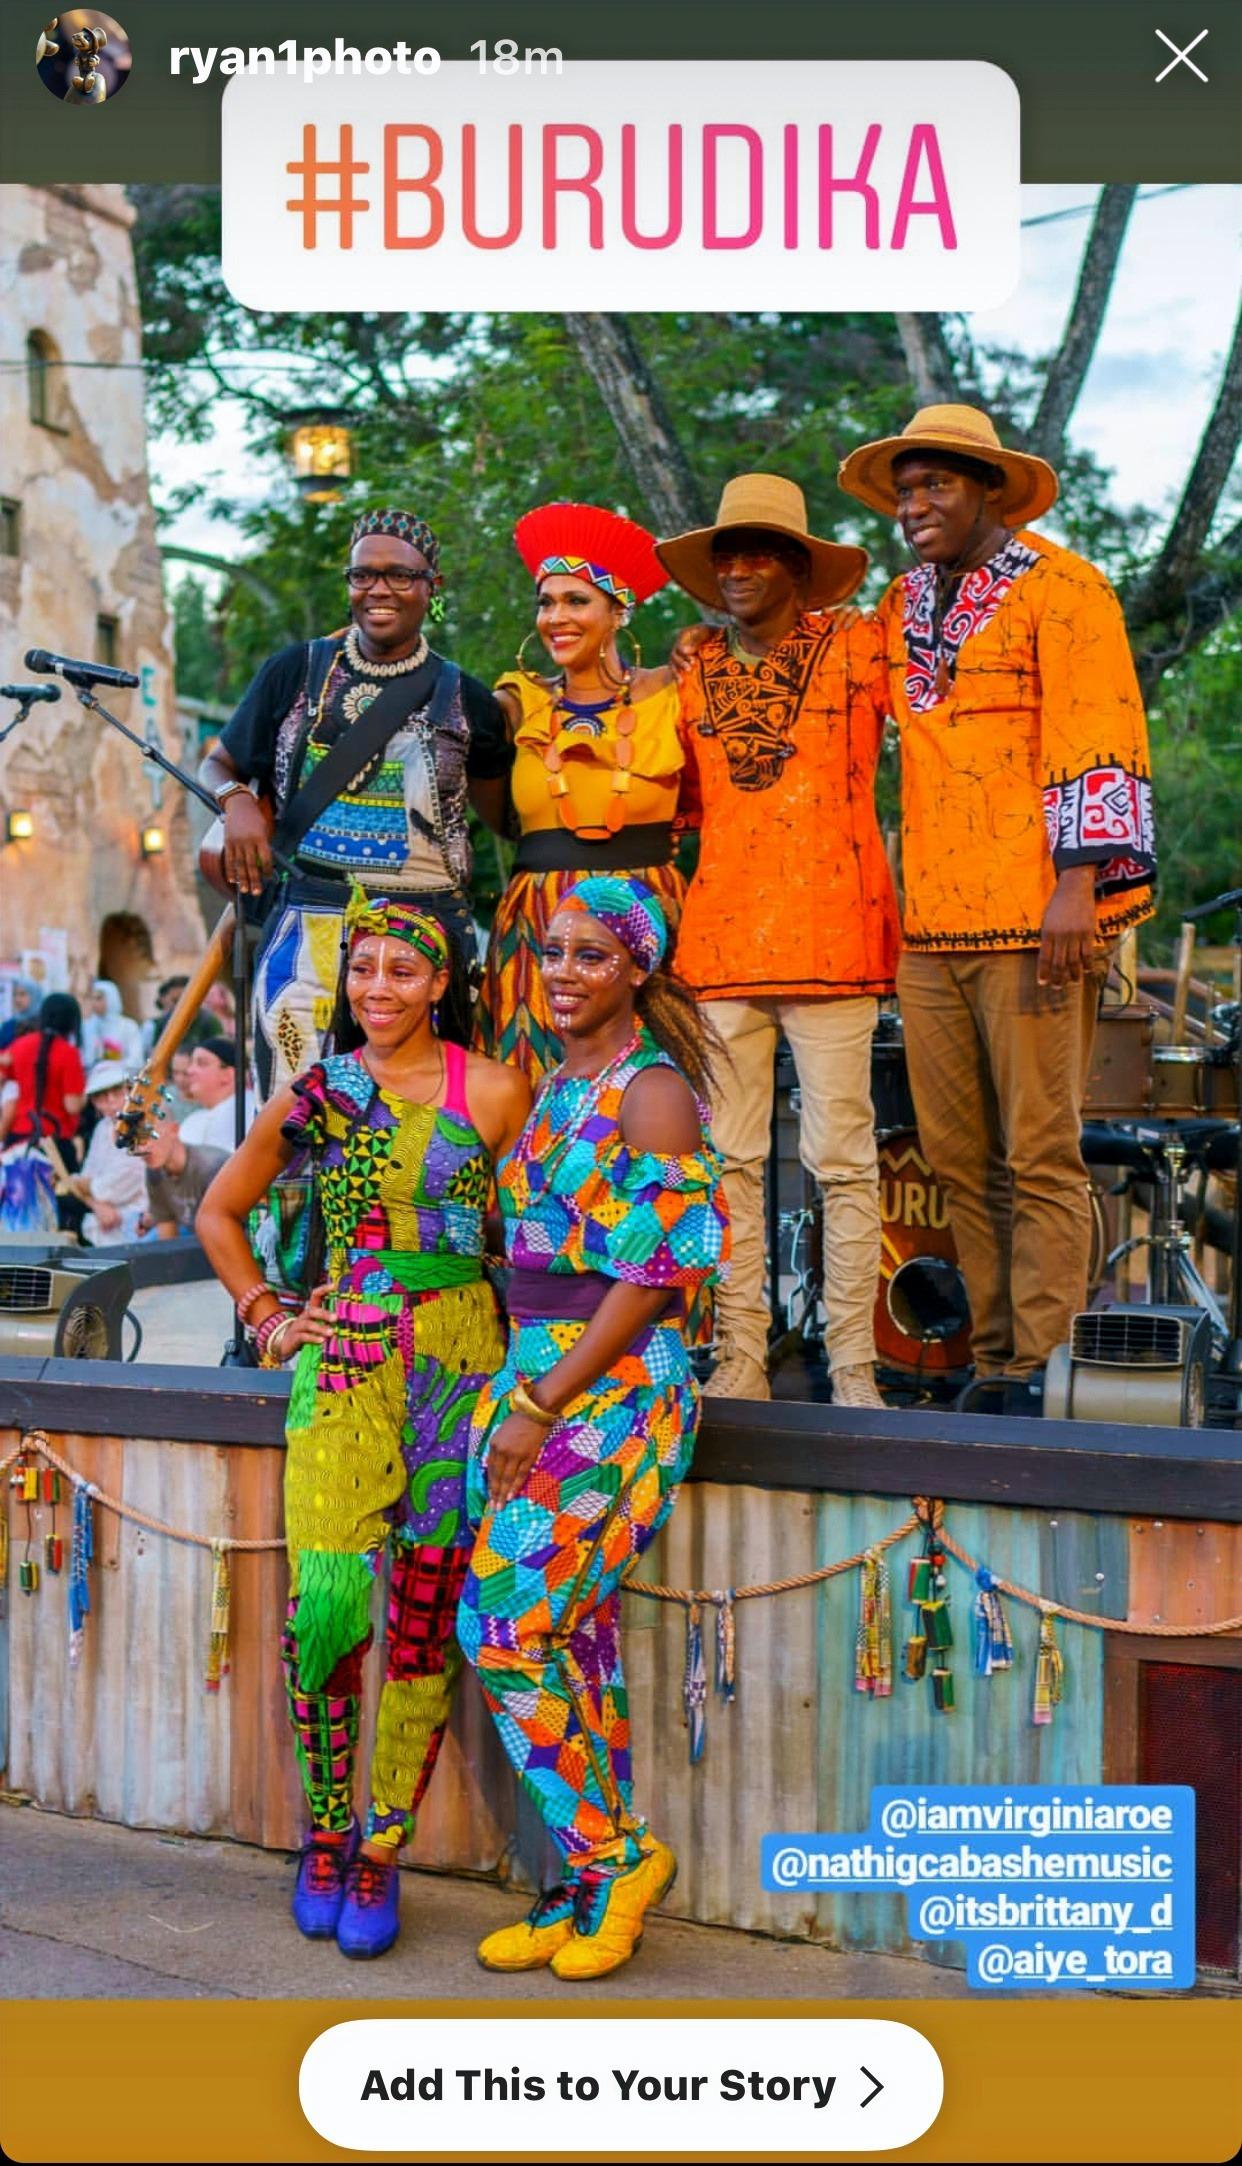 Nathi Gcabashe and Wassalou/Burudika